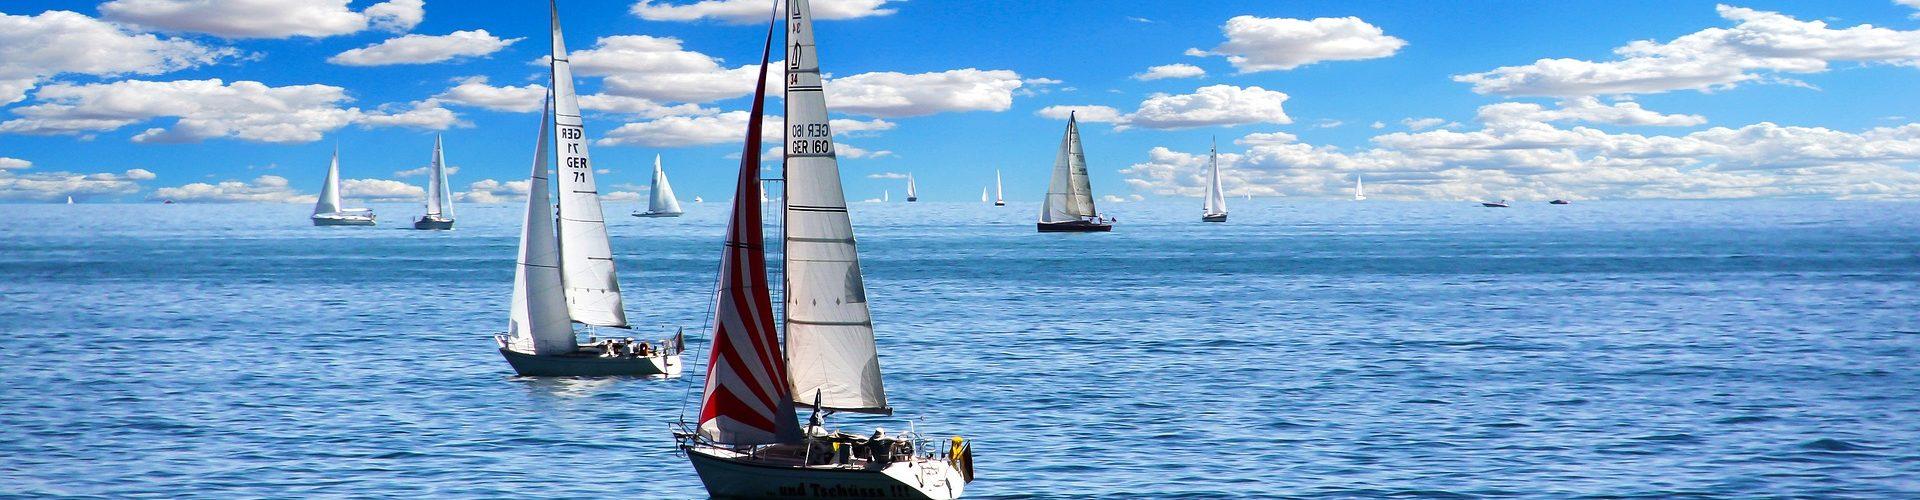 segeln lernen in Hartheim segelschein machen in Hartheim 1920x500 - Segeln lernen in Hartheim